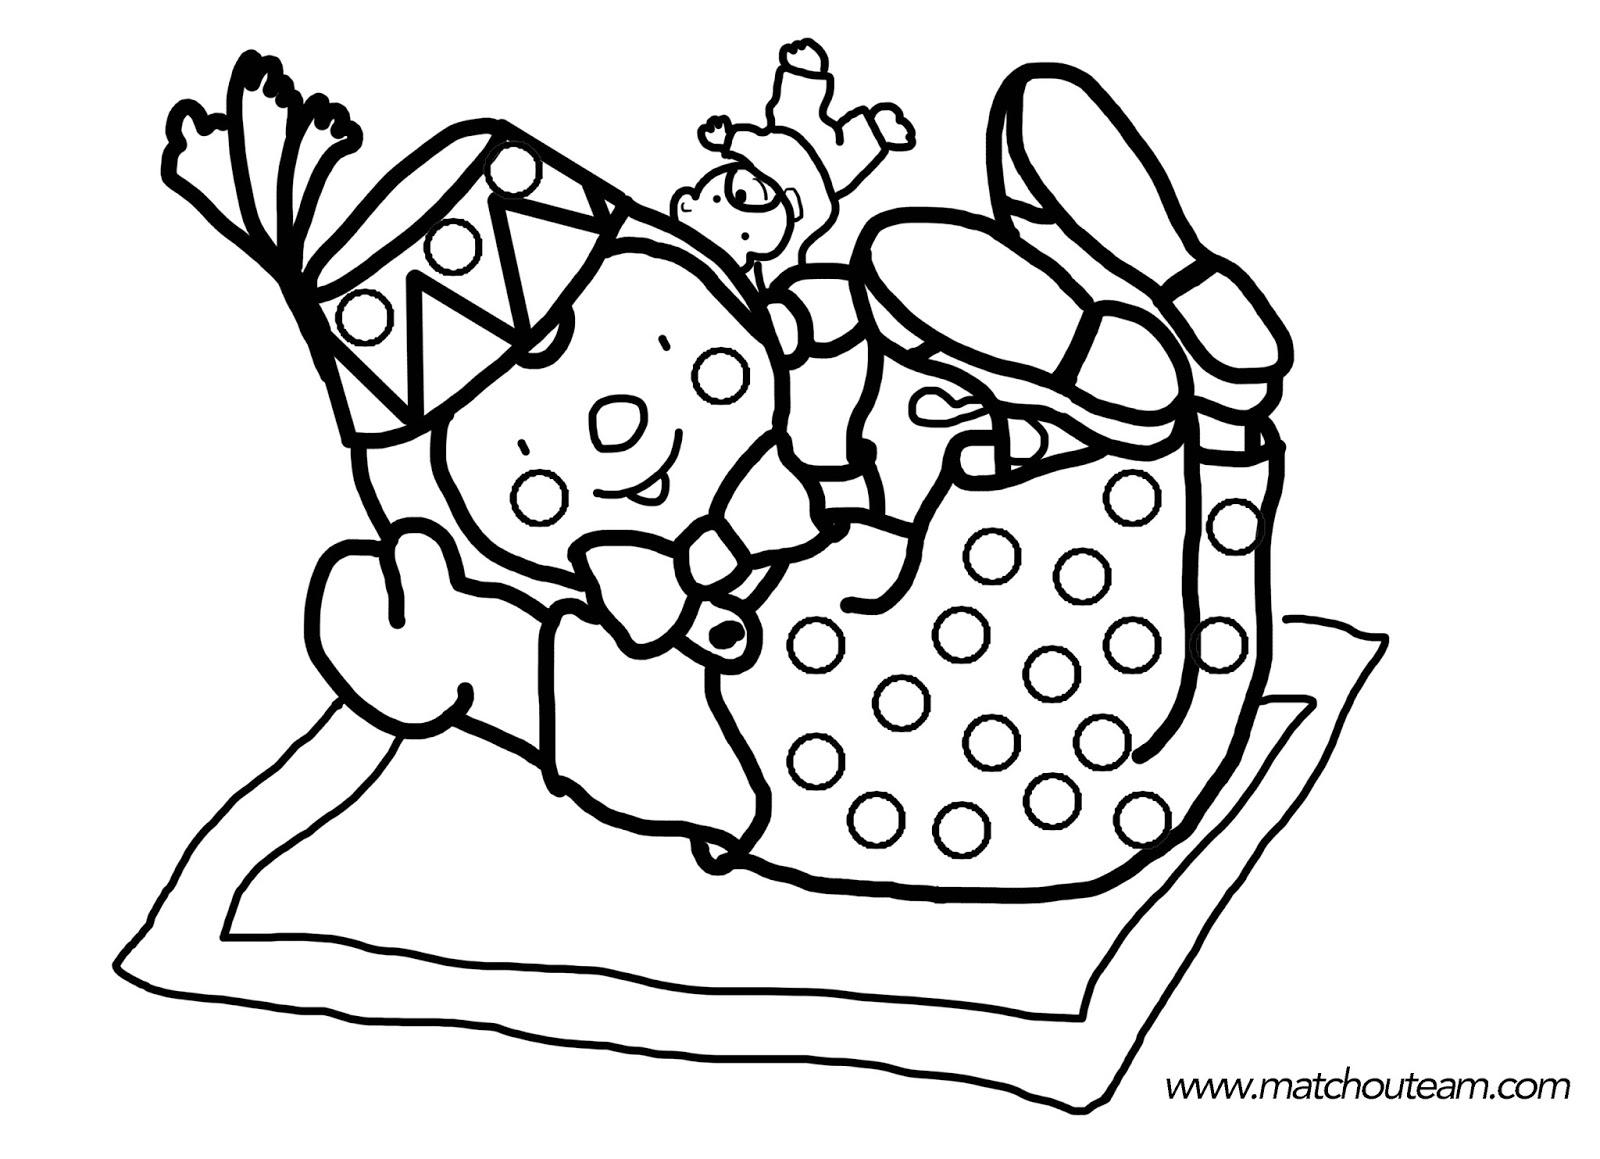 Coloriage à imprimer : Carnaval des ours Familiscope